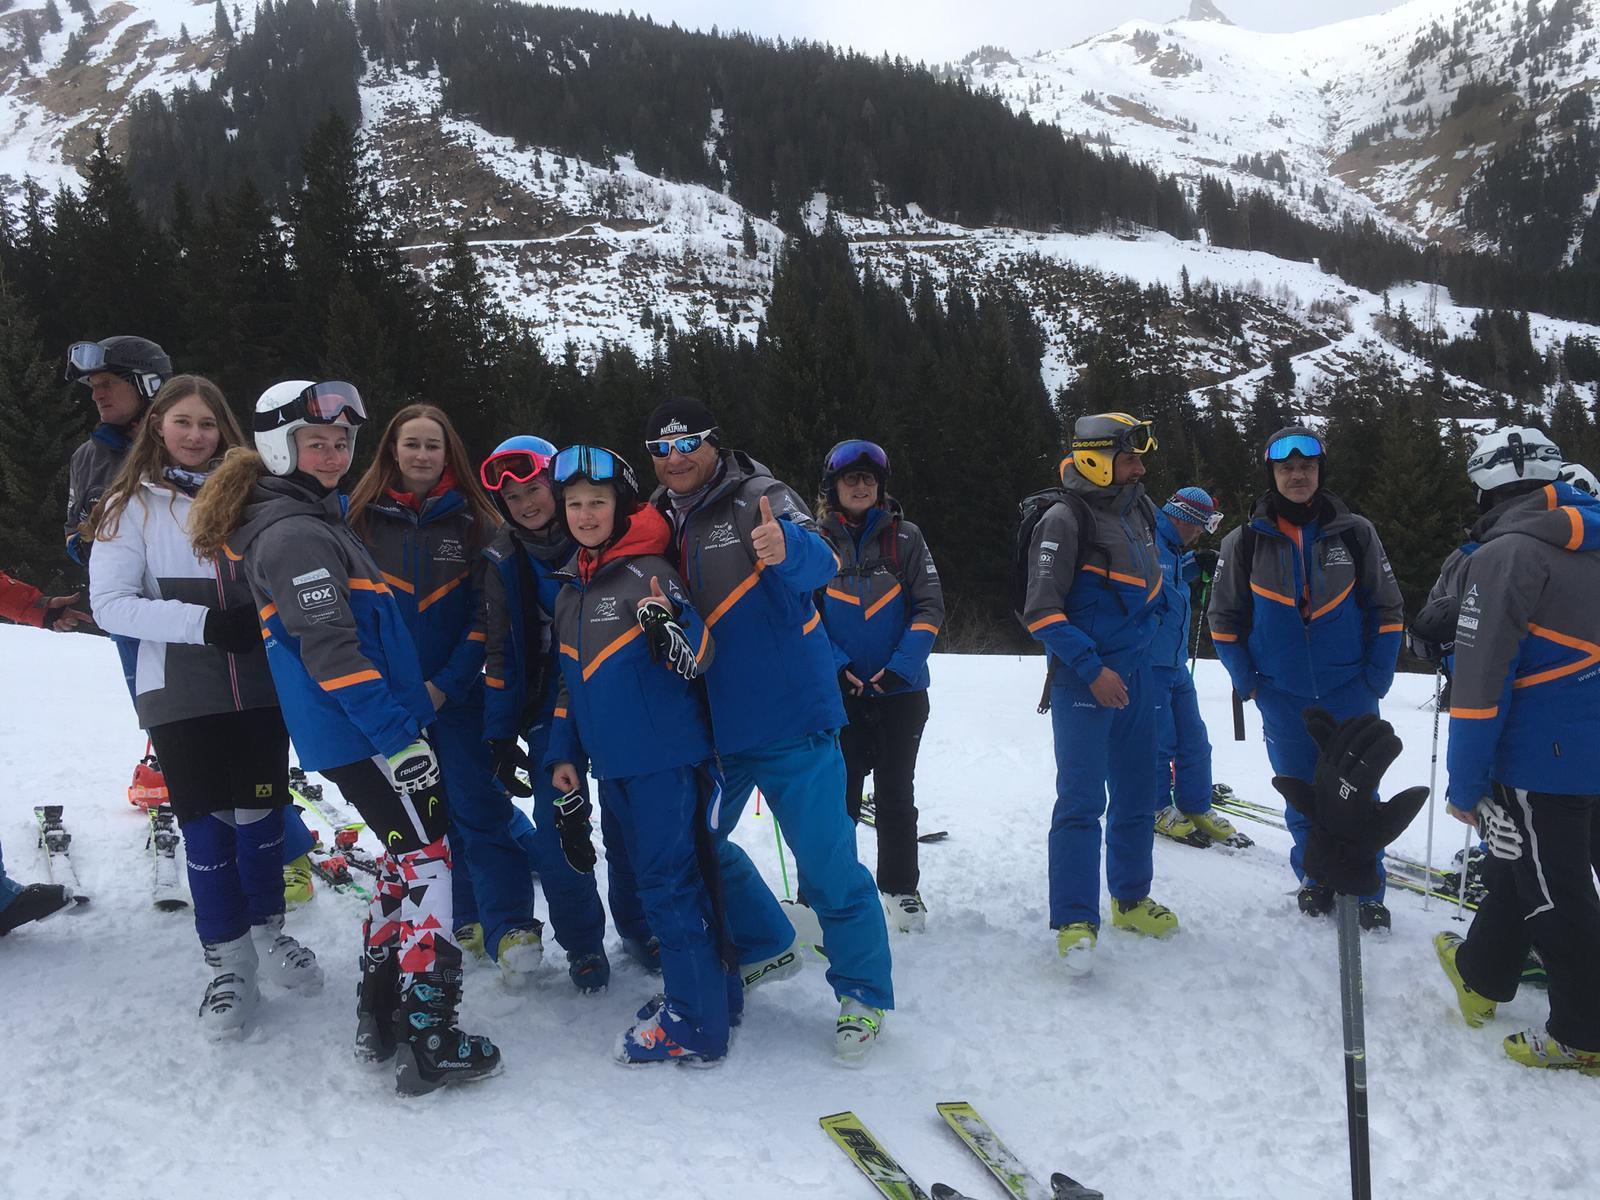 2. Lauf Fischer-Skicup 2020 (Großarl)